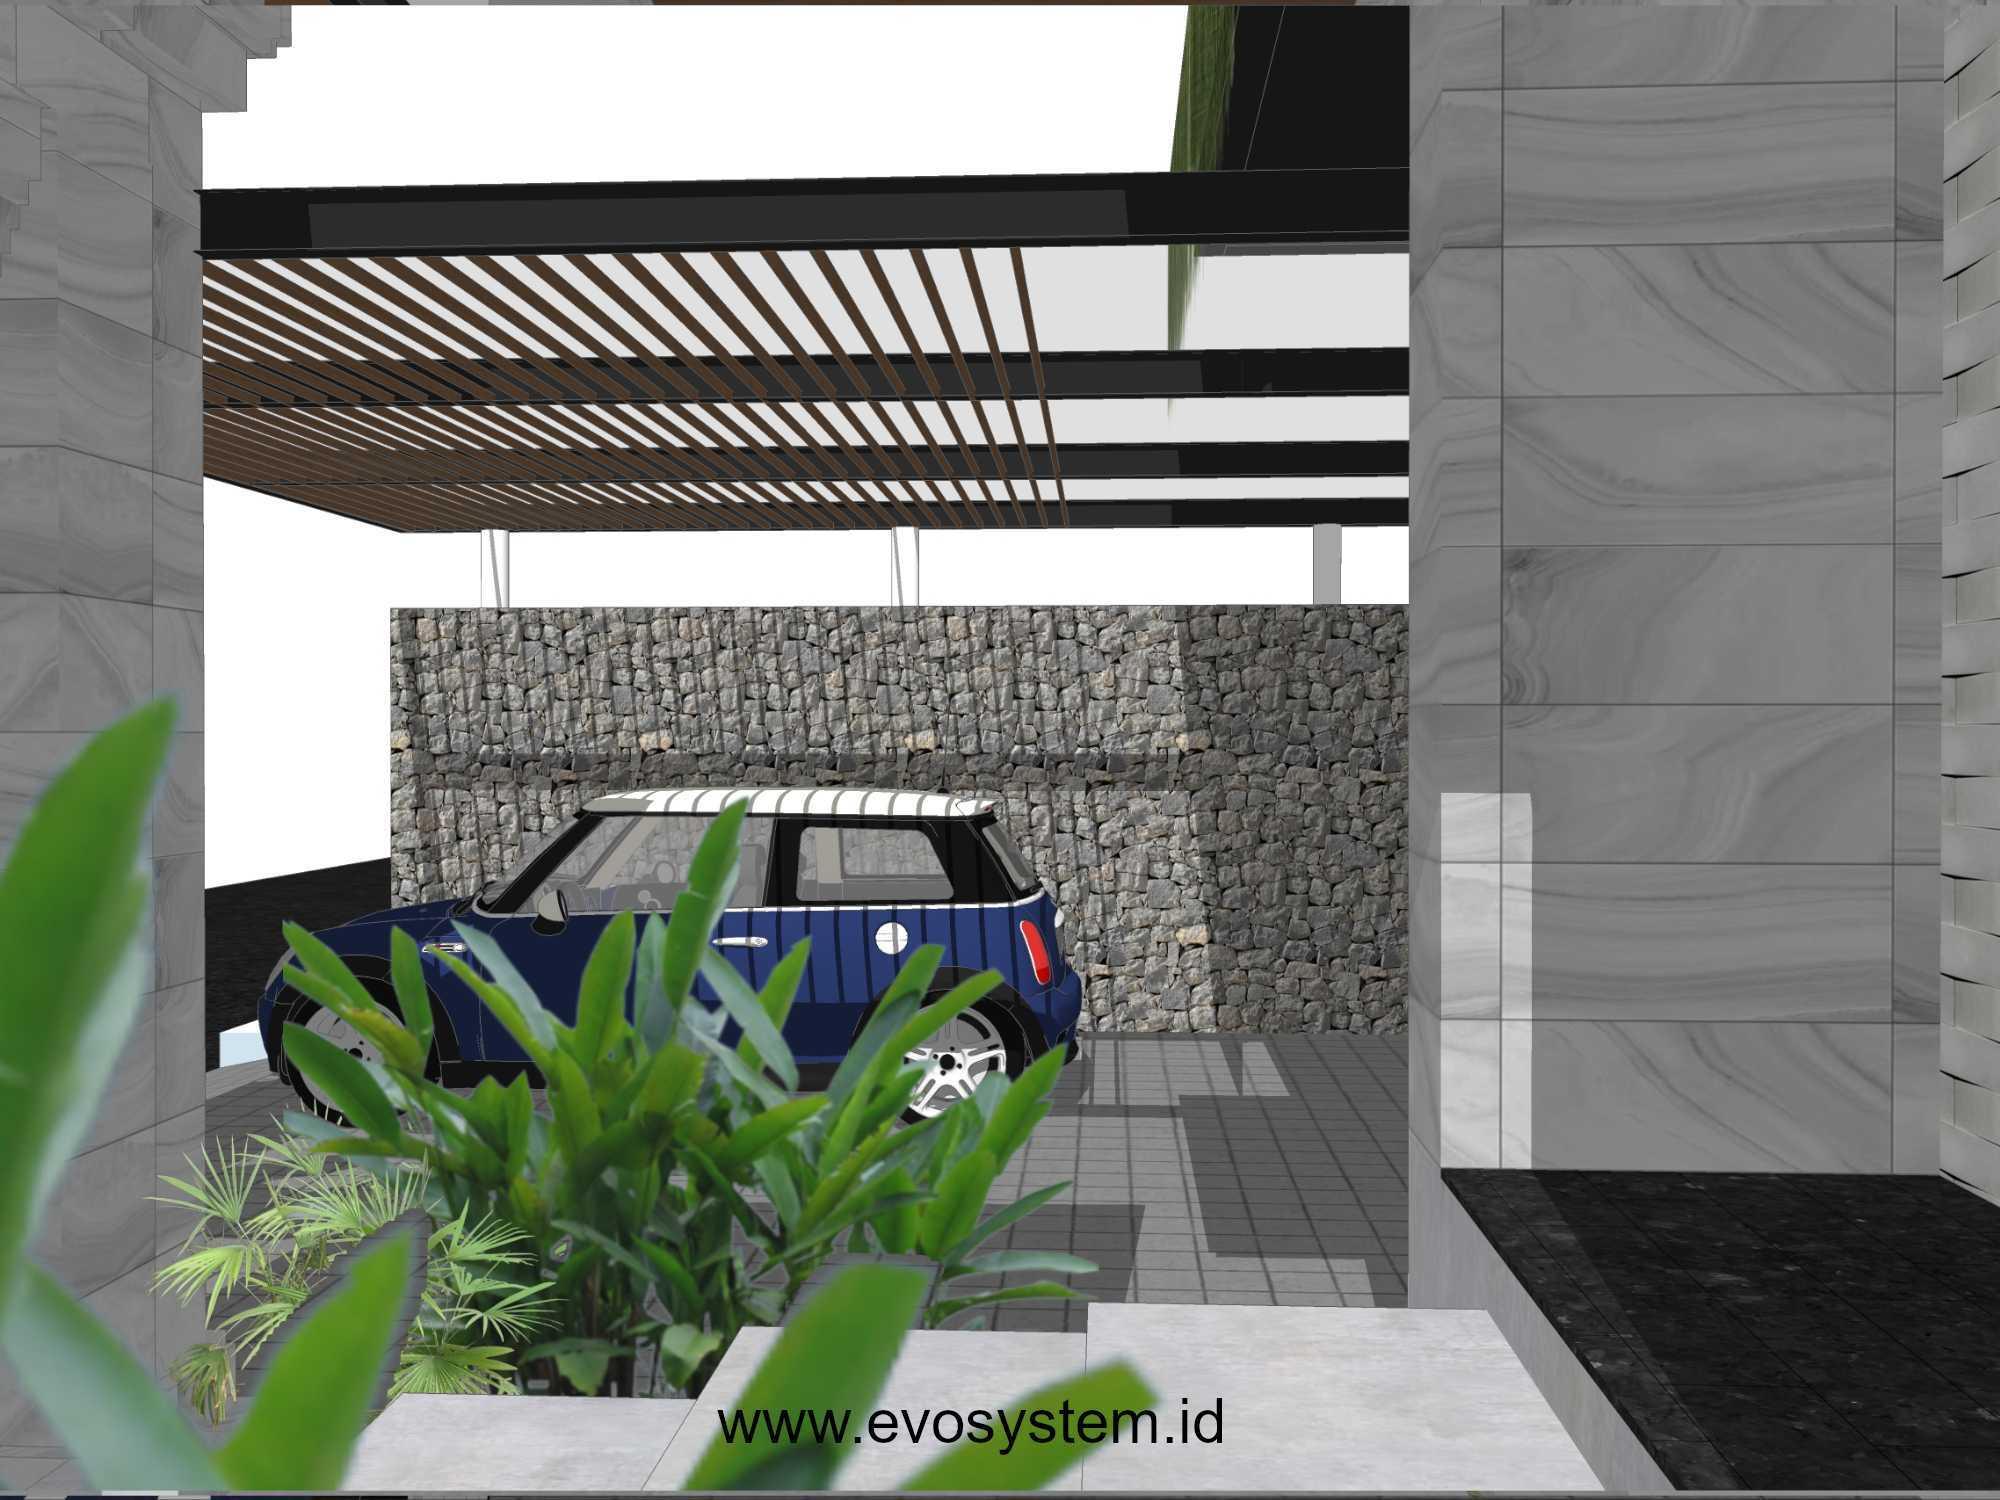 Evosystem Bm House Cikarang, Bekasi, Jawa Barat, Indonesia Cikarang, Bekasi, Jawa Barat, Indonesia Evo-System-Bm-House   92393